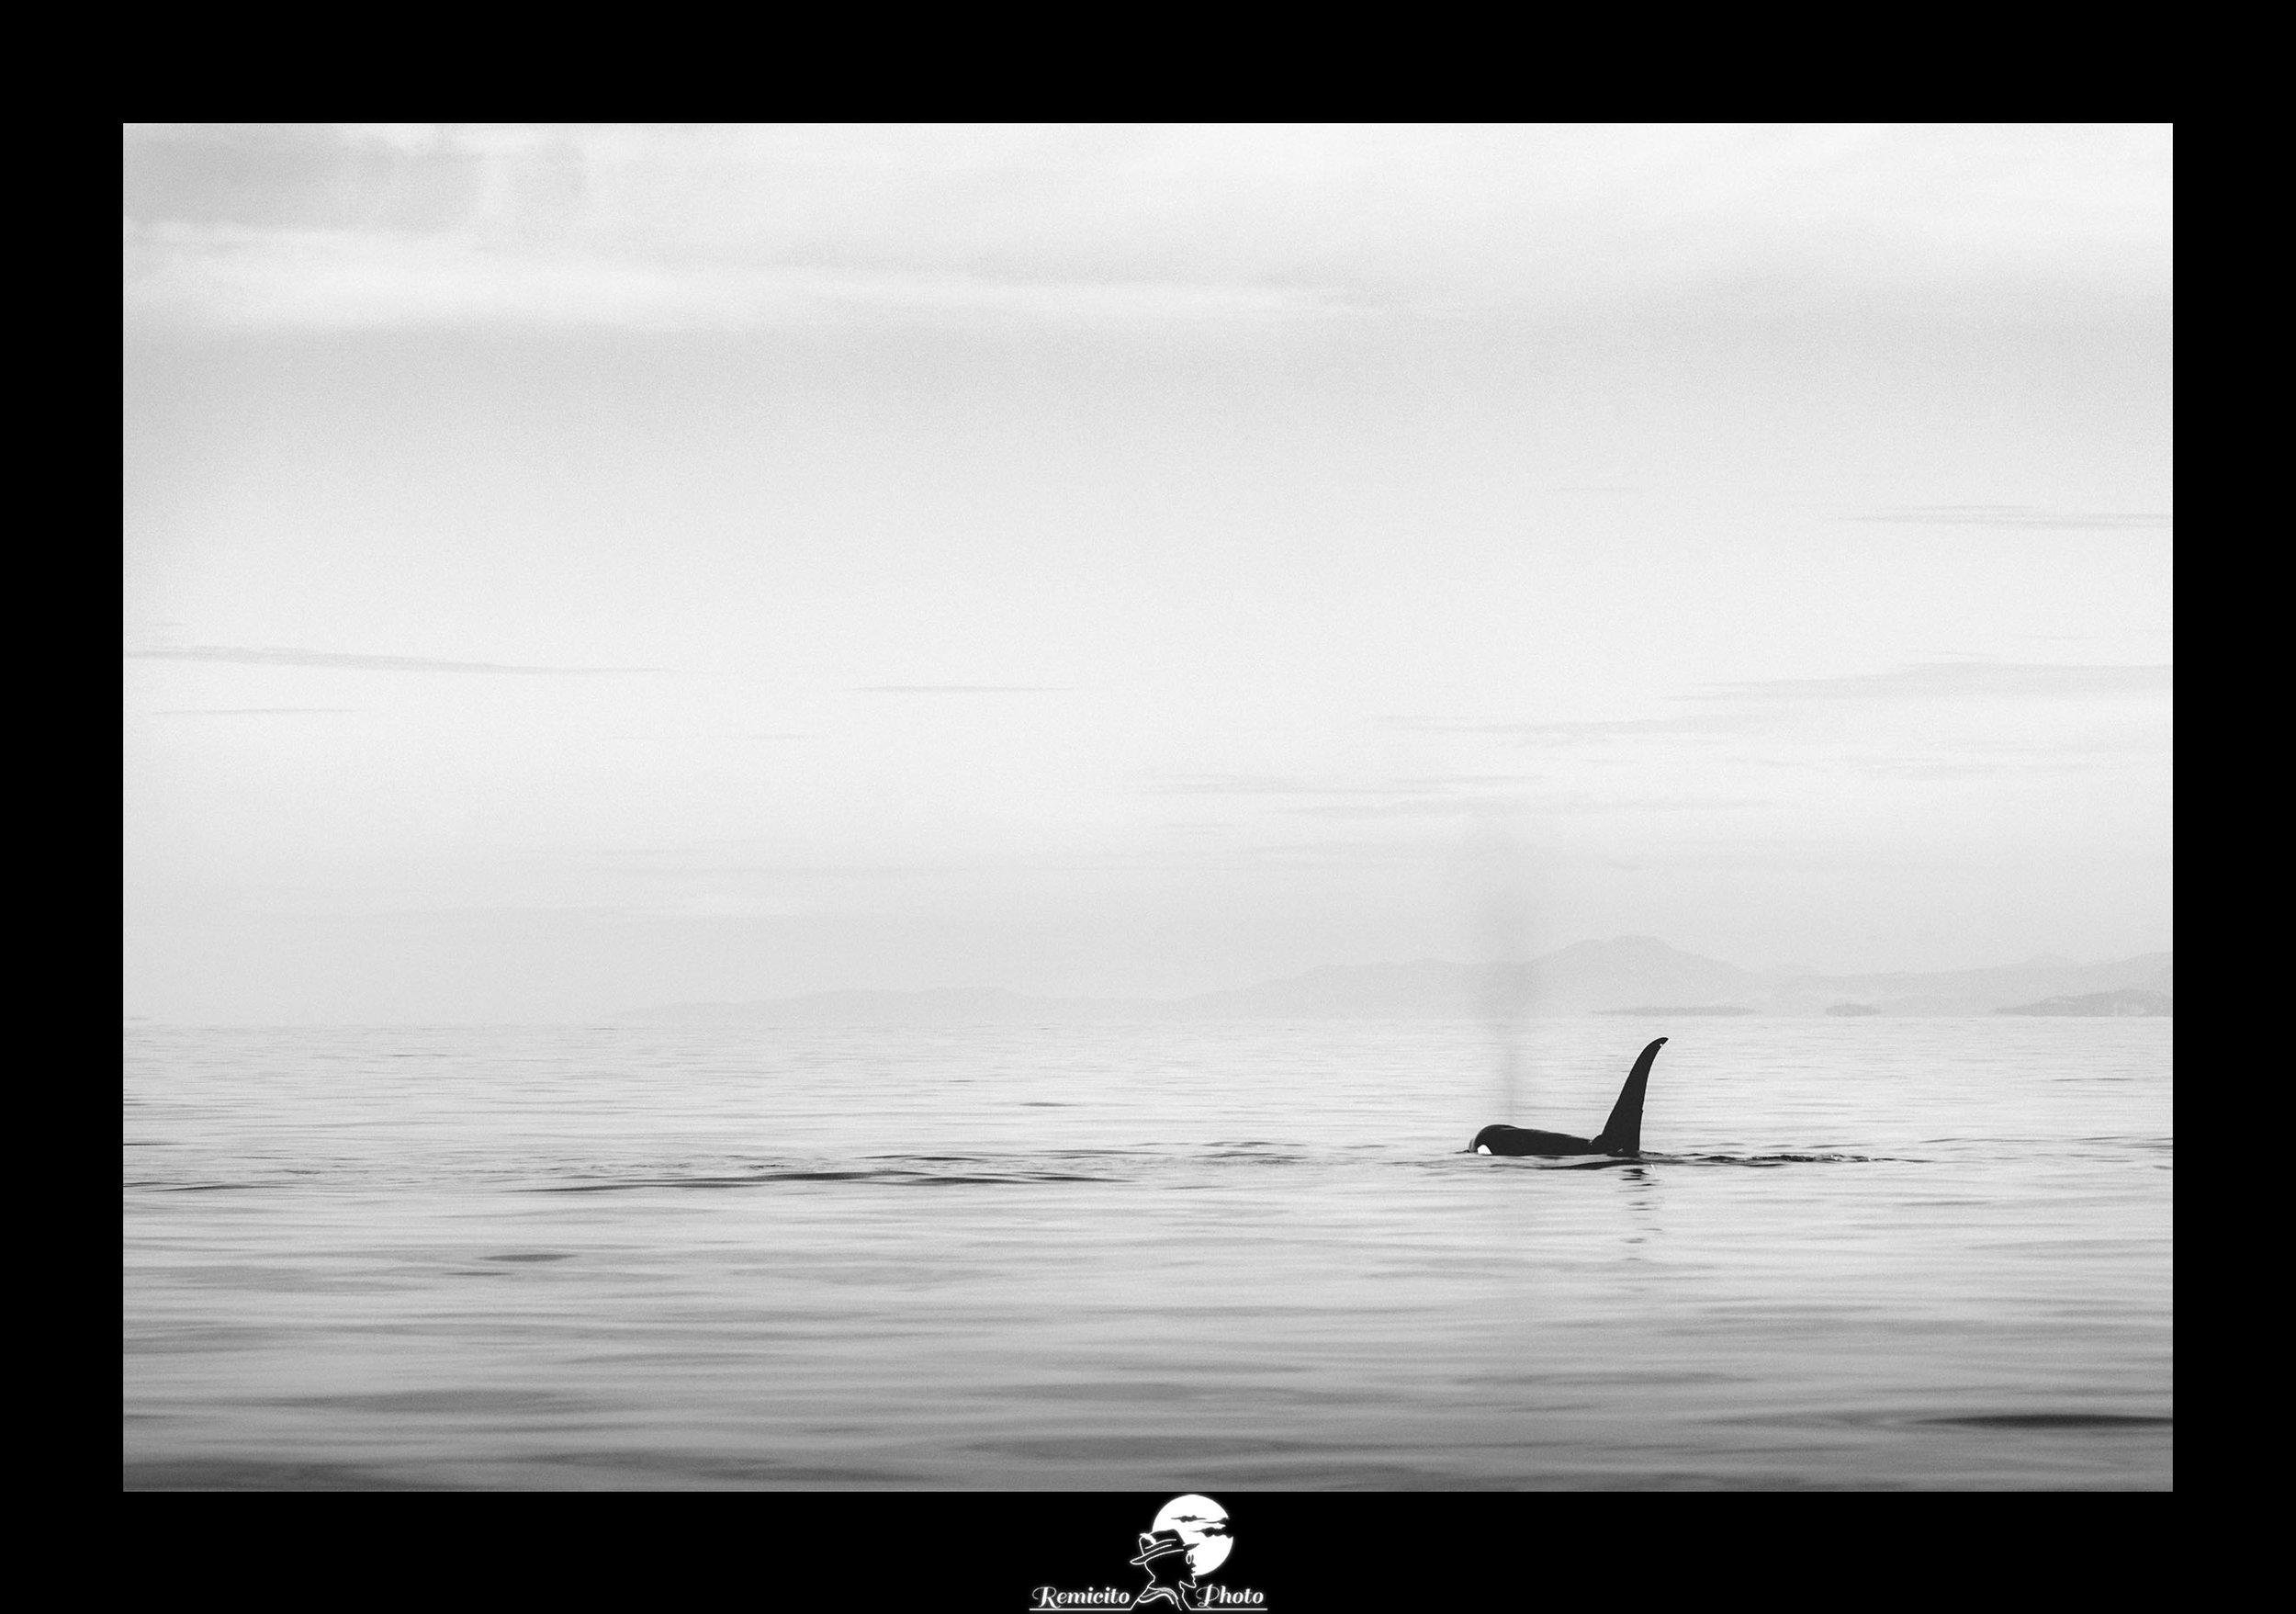 Remicito photo, remicito, image du jour, photo du jour, photo of the day, belle photo noir et blanc orques canada, orca canada cowichan bay, vancouver island orca, belle photo orque idée cadeau